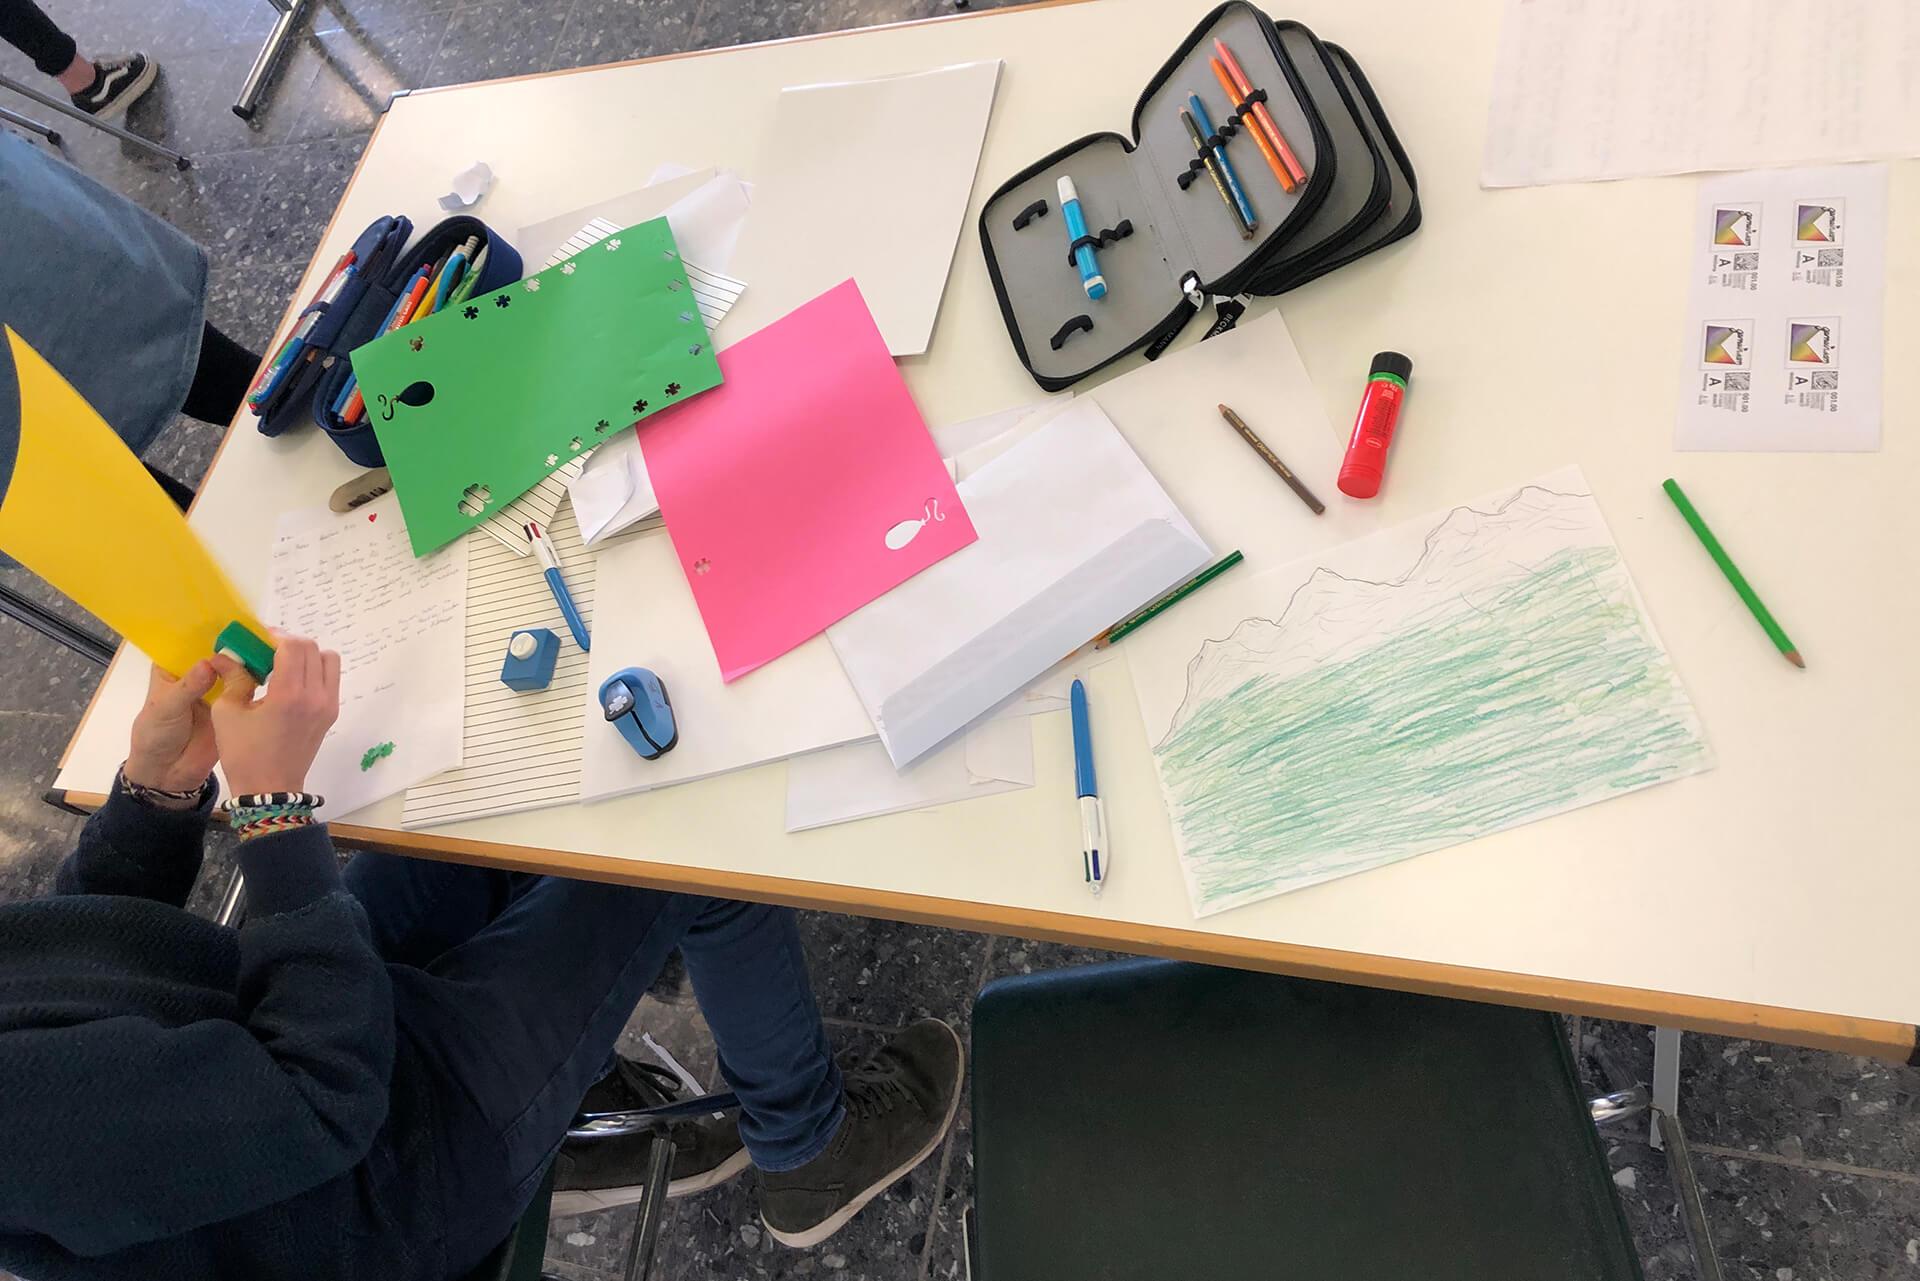 Schüler mit Schreibmaterial und Papier beim Gestalten eines Briefes.